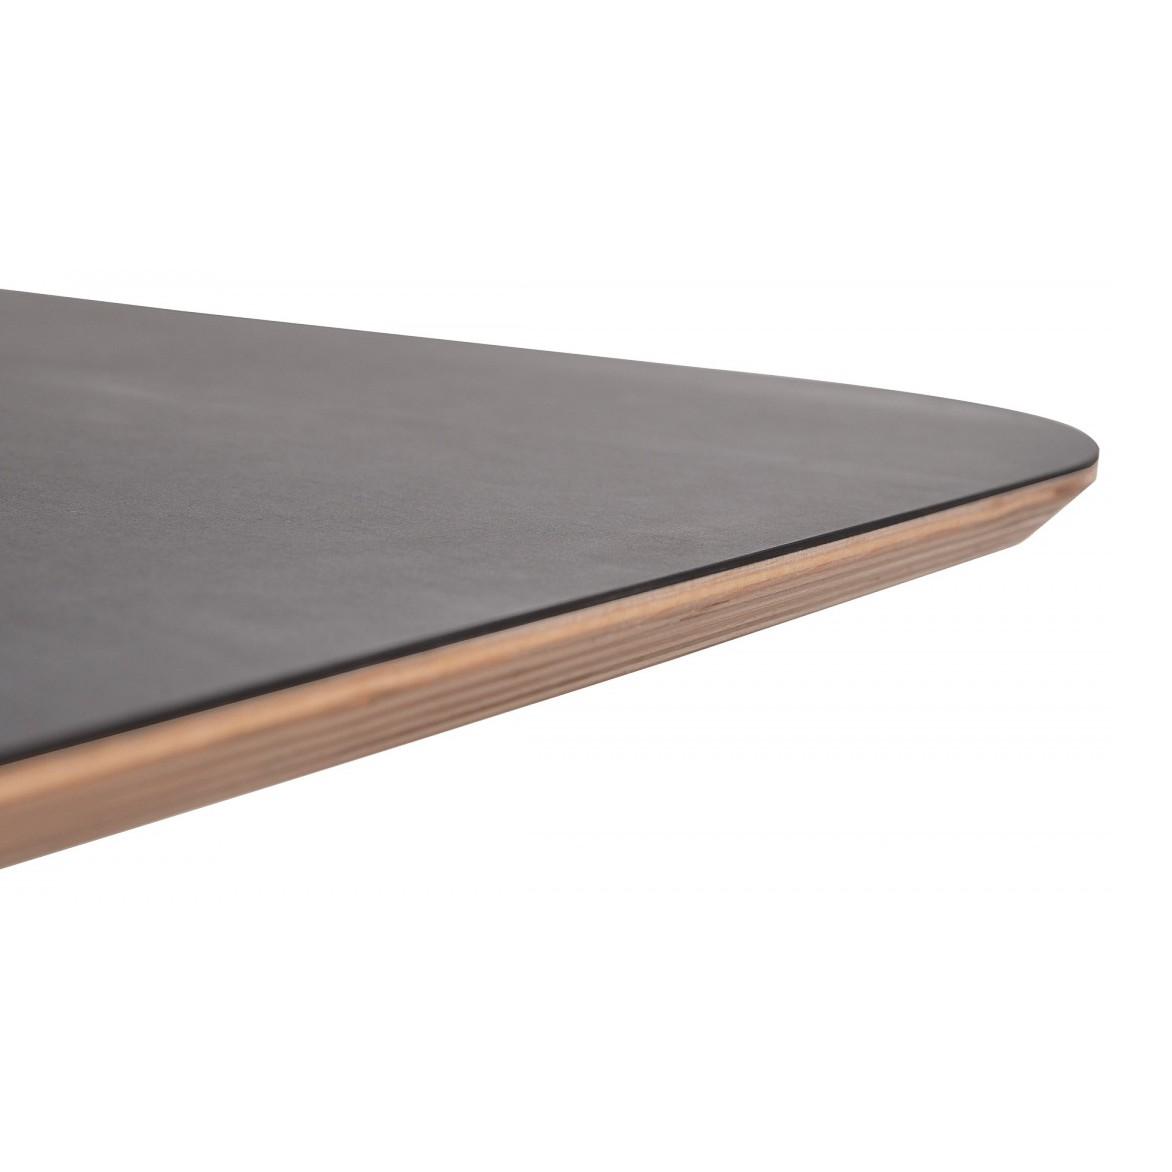 esstisch eiche tischplatte grau. Black Bedroom Furniture Sets. Home Design Ideas